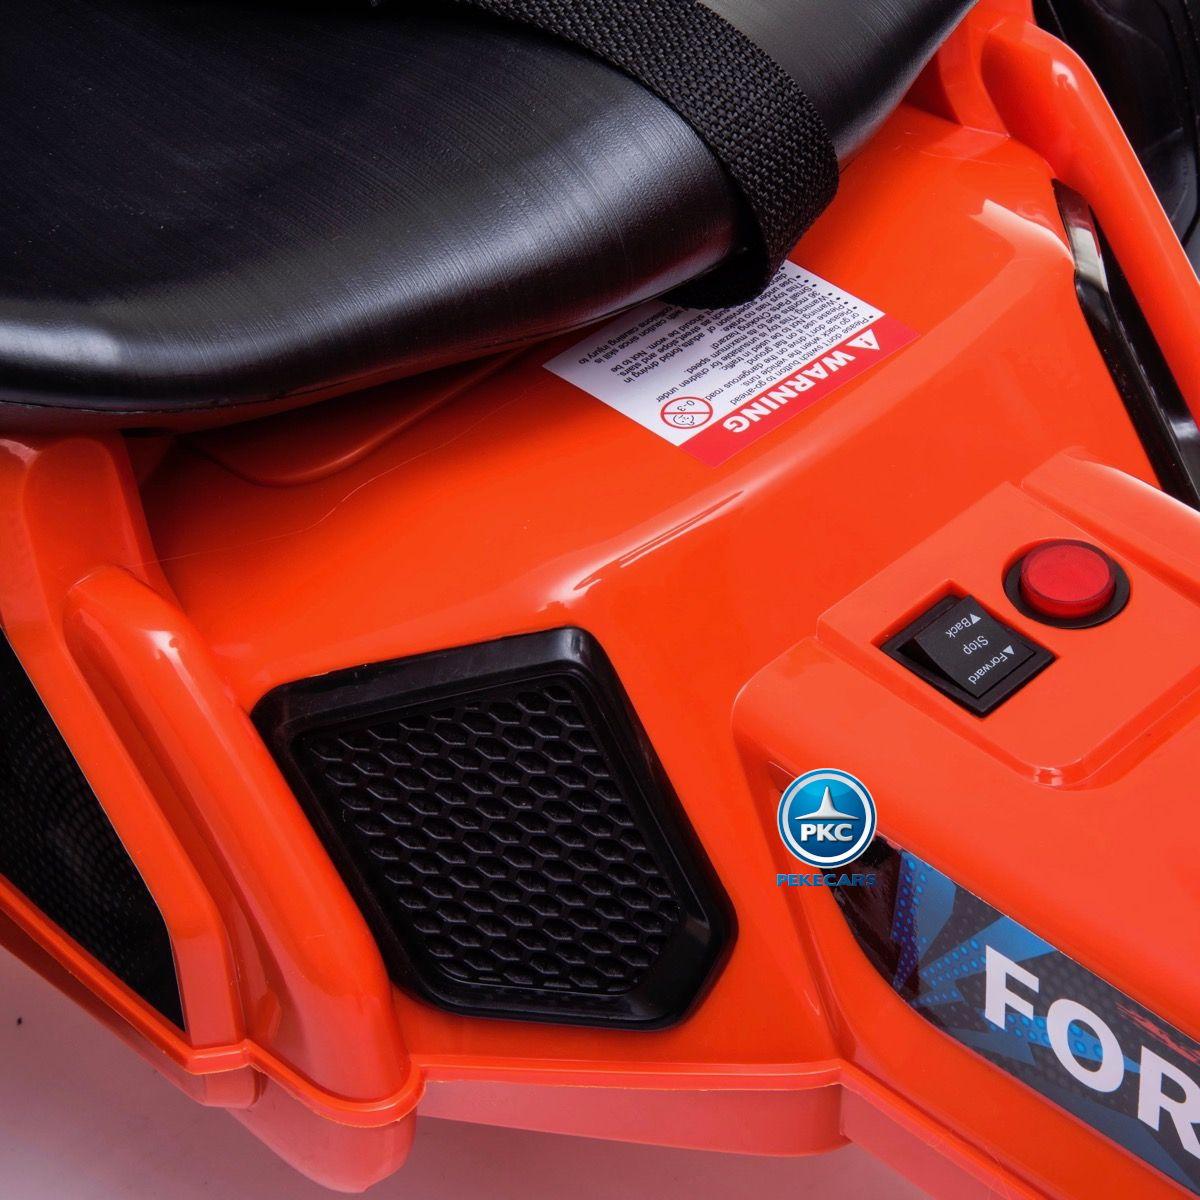 Kart electrico ford ranger naranja